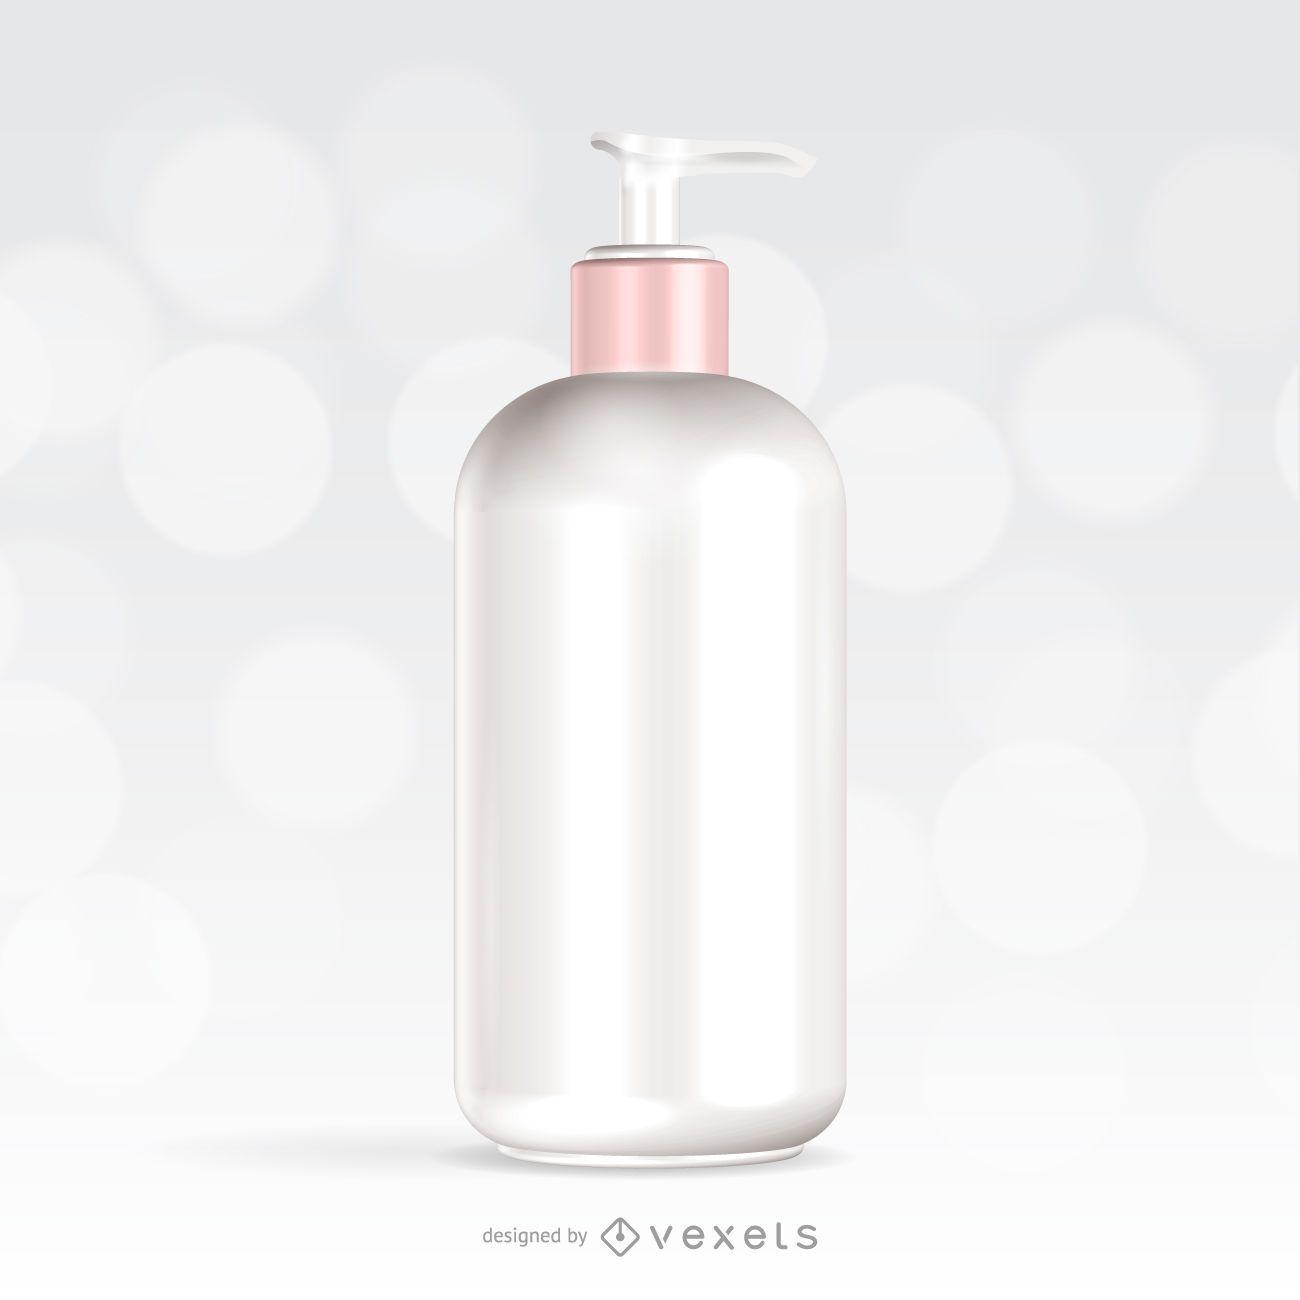 Skincare cream packaging mockup